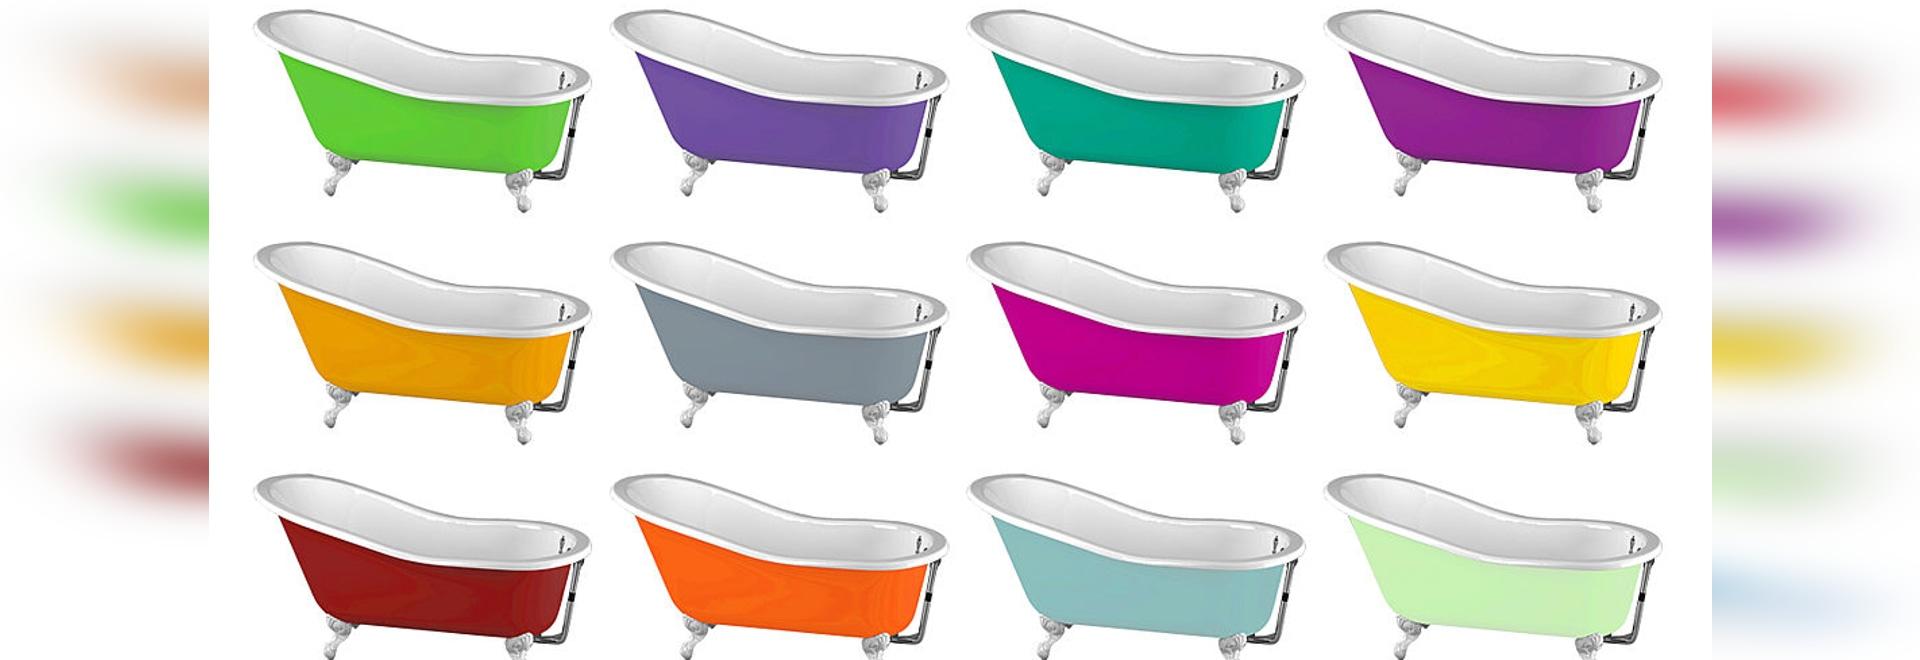 Cast-iron bathtubs: dare color, dare retro chic!